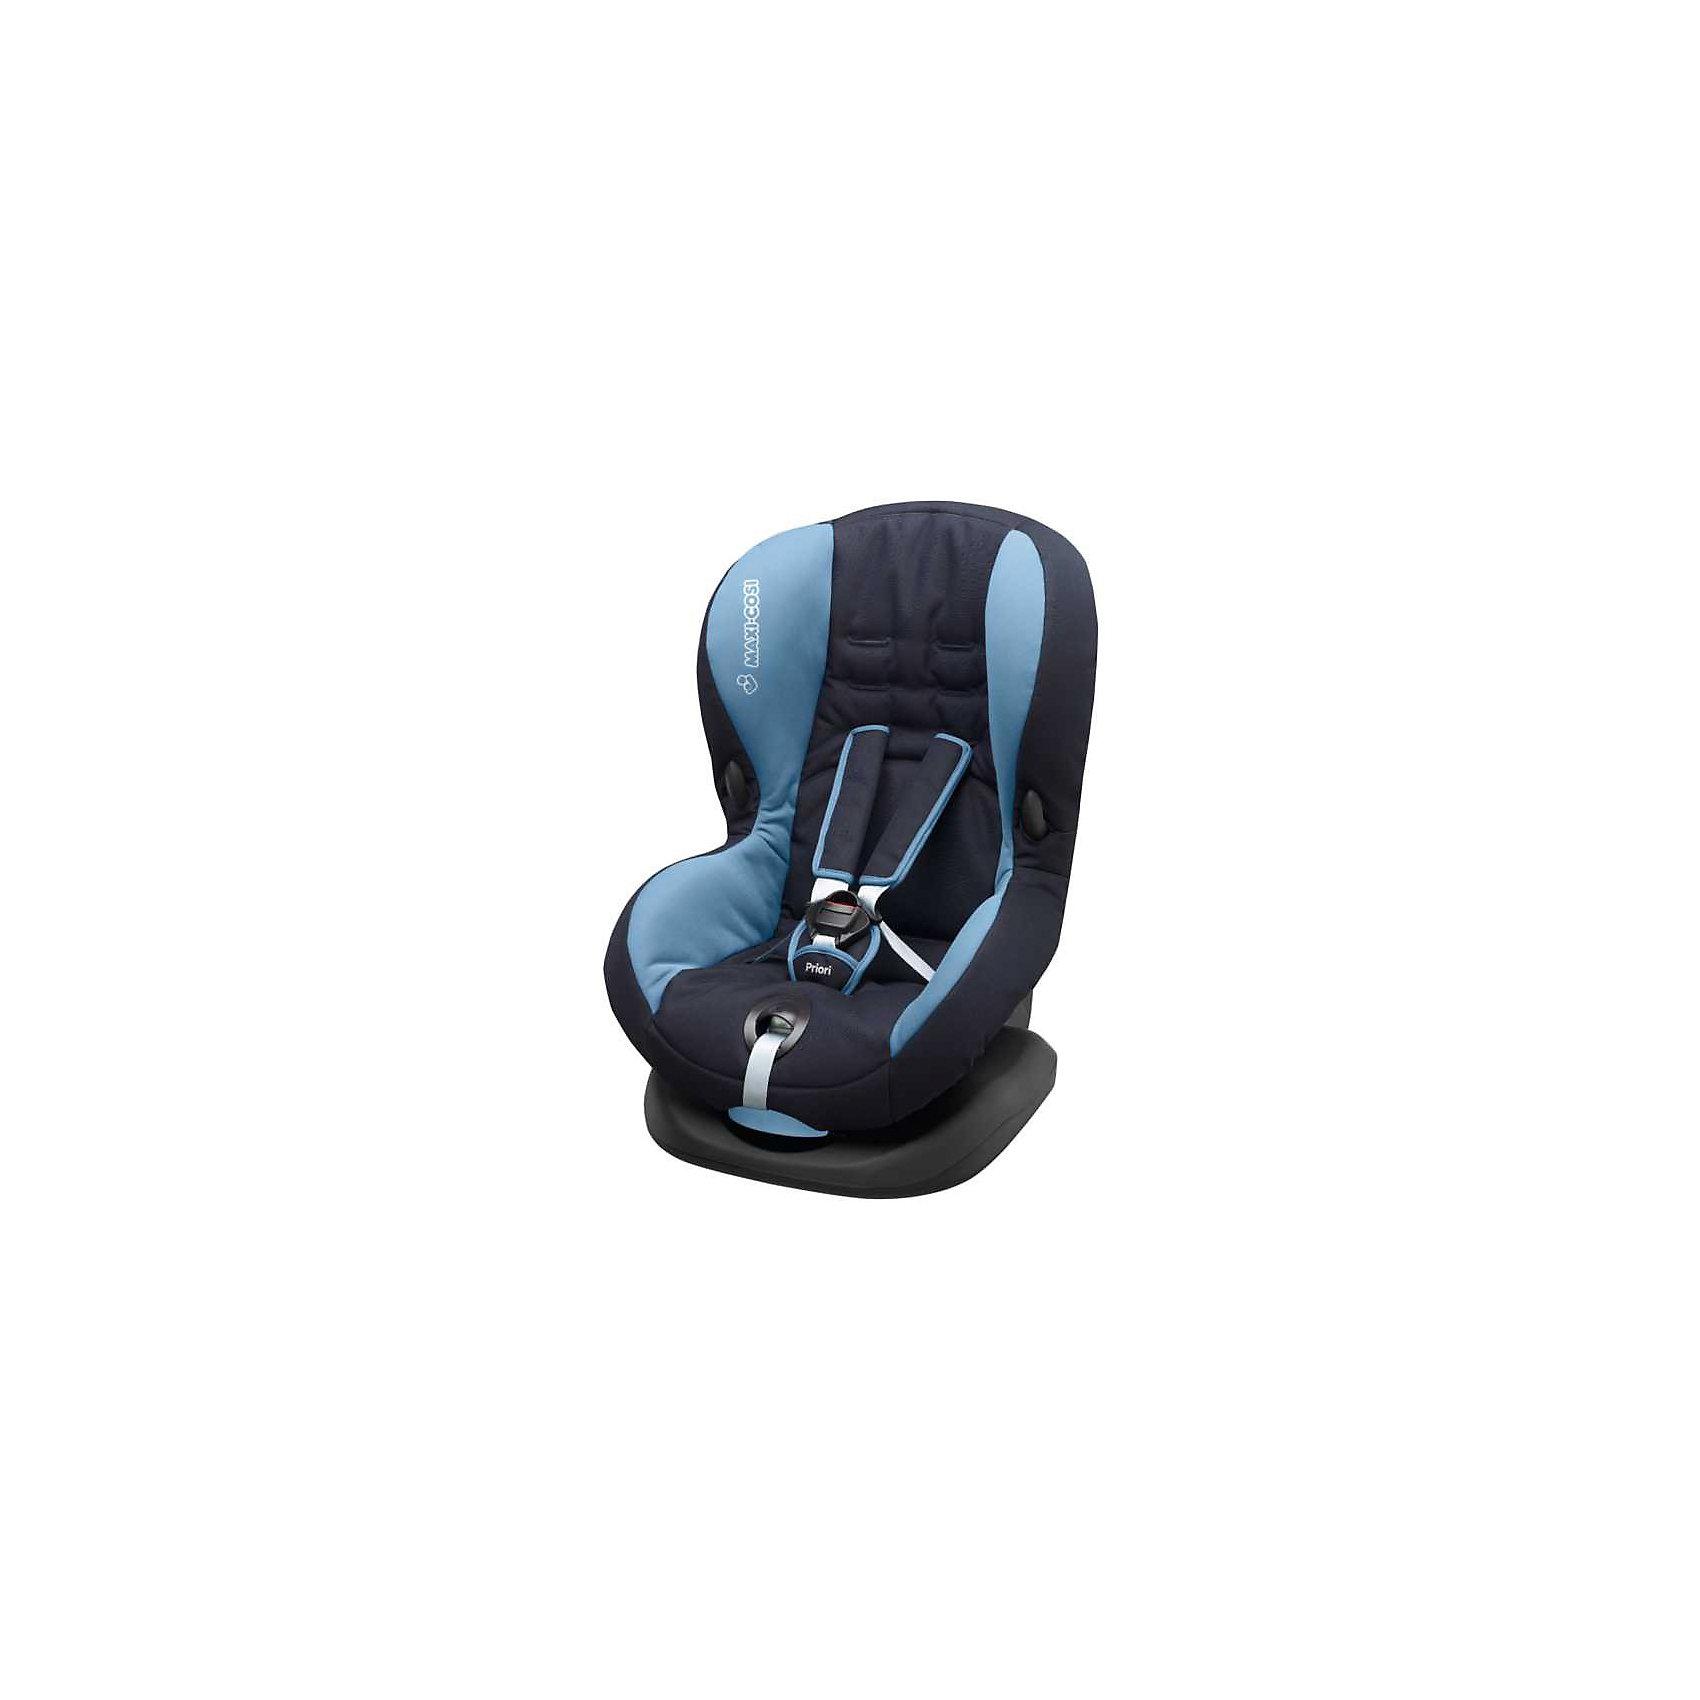 Автокресло Priori SPS 9-18 кг., Maxi-Cosi, OceanУдобное в использовании, безопасное, и комфортное автокресло для Вашего малыша! Крeслo очень  легко устанавливается, от Вас потребуется закрепить его ремнями безопасности, которые крепятся в двух или трех точках, причем на любом пассажирском сиденье, и подойдет для всех типов автомобиля.<br><br>Особенности:<br>- Надежная система защиты от боковых ударов.<br>- Пяти точечный регулируемый ремень безопасности.<br>- Централизованная система натяжения ремней.<br>- Убираемая вручную пряжка.<br>- Система боковой защиты ребенка защитит голову и спину вашего малыша при боковом ударе или резком повороте.<br>- Спинка регулируется: 4 положения.<br>- Чехол детского автокресла выполнен из практичного гипоаллергенного материала, который не вызывает раздражения, не воспламеняется и не линяет.<br>- Съемный чехол можно стирать.<br><br>Дополнительная информация:<br><br>- Возраст: от 9 месяцев до 4 лет. ( от 9 до 18 кг.)<br>- Цвет: Ocean.<br>- Материал: пластмасса, текстиль.<br>- Размер: 71х72х48 см.<br>- Вес в упаковке: 6.8 кг.<br><br>Купить автокресло Priori SPS (9-18 кг.) в цвете Ocean, можно в нашем магазине.<br><br>Ширина мм: 475<br>Глубина мм: 595<br>Высота мм: 610<br>Вес г: 7250<br>Возраст от месяцев: 4<br>Возраст до месяцев: 48<br>Пол: Унисекс<br>Возраст: Детский<br>SKU: 4975102